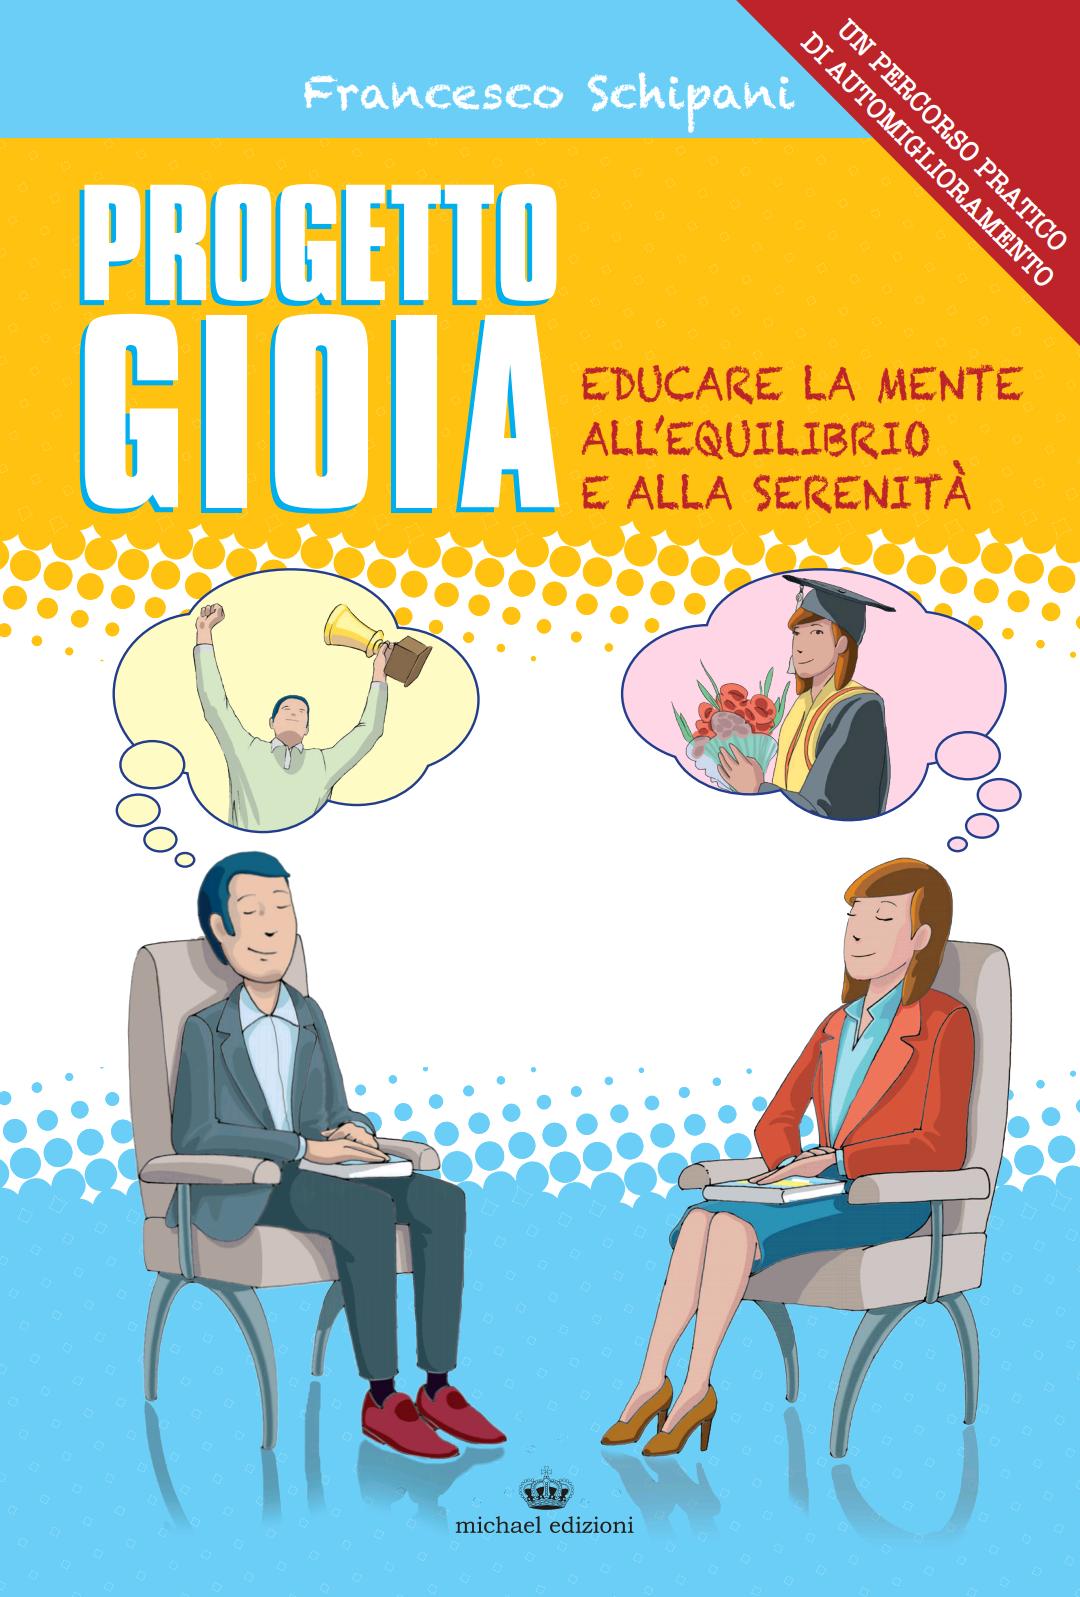 PROGETTO GIOIA (Michael Edizioni 2018)